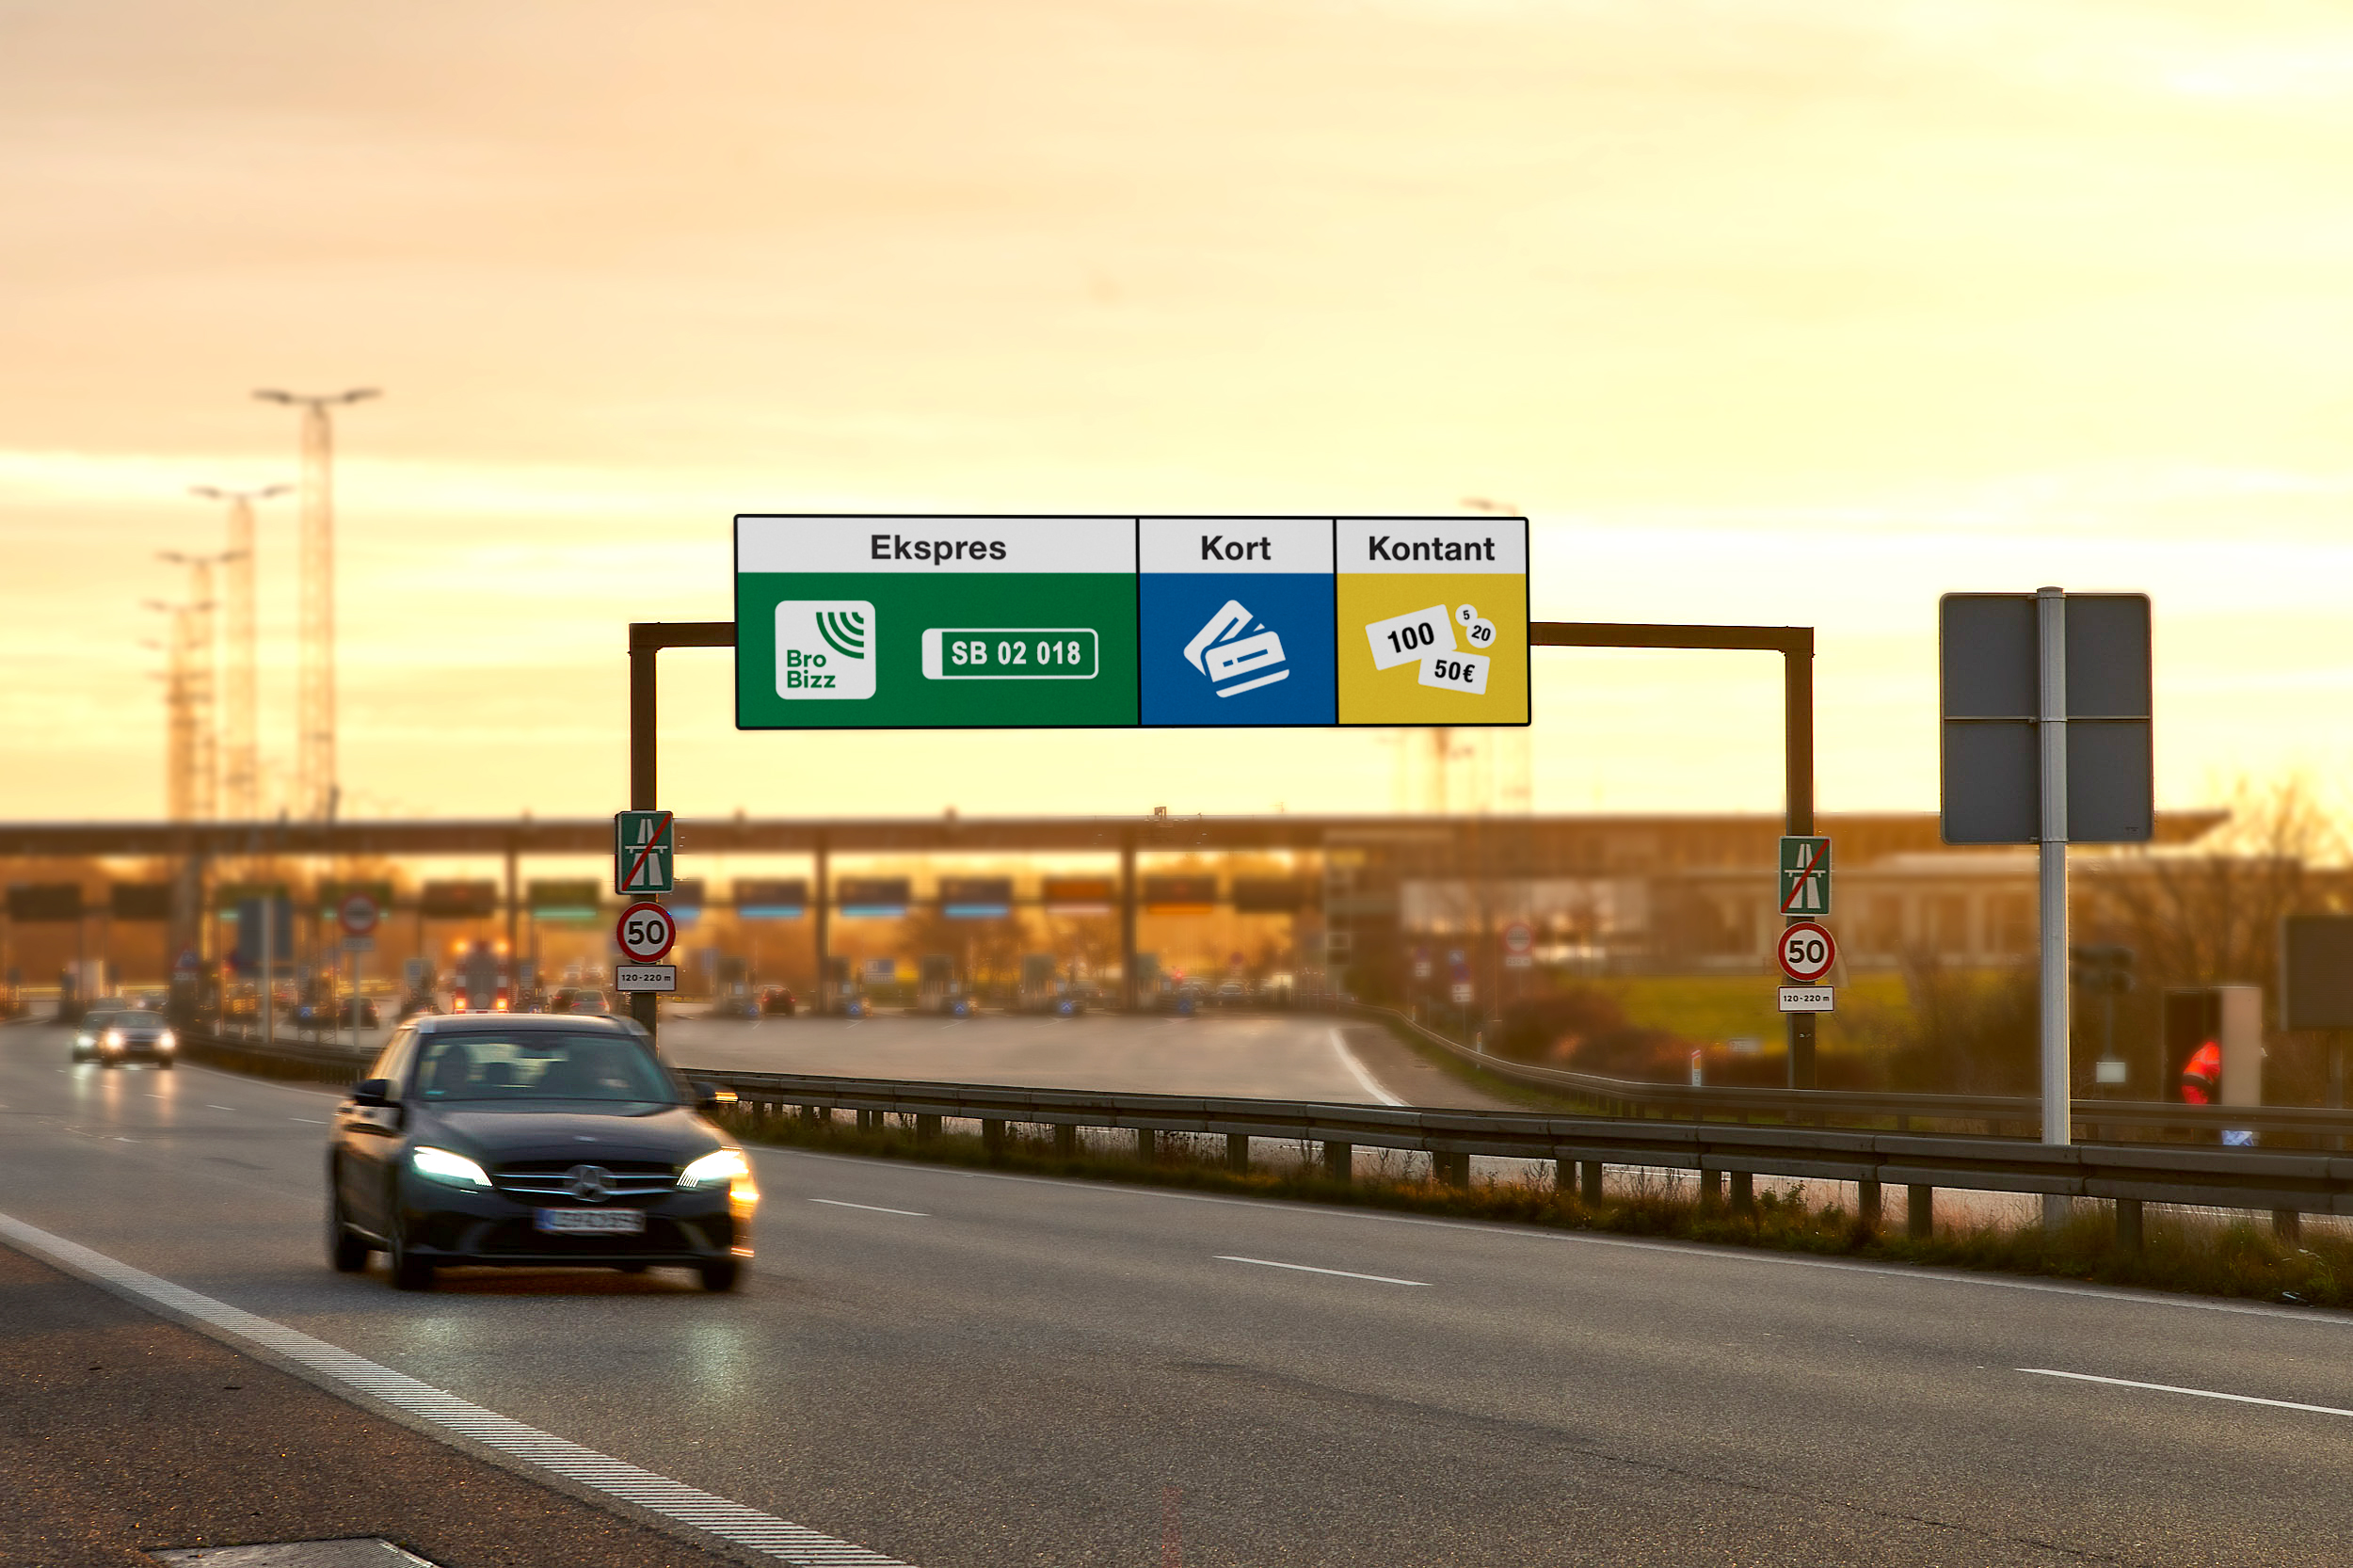 Det nye udstyr i betalingsanlægget ved Storebæltsbroen består blandt andet af et nyt klassifikationssystem, nye kameraer til nummerpladelæsning, nye LED-skilte over vejbanen og nye selvbetjeningsterminaler til kontant- og kortbetaling. Pressefoto fra Sund & Bælt.